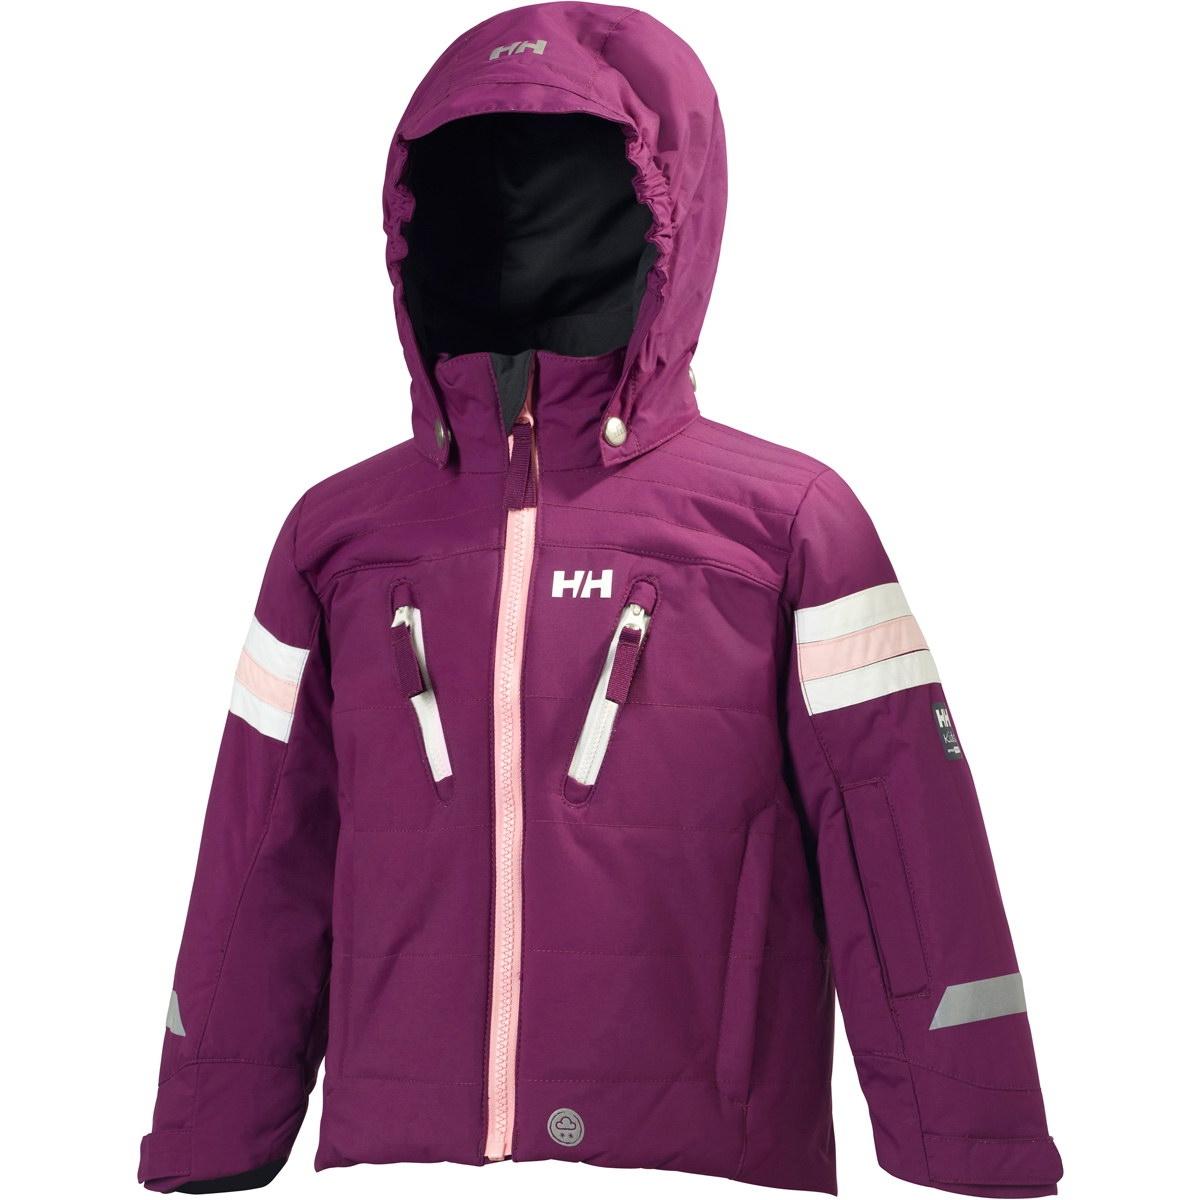 Helly Hansen  Sonderangebote –  Kids Velocity Ins Jacket nun mit 40  % Rabatt für 59.95 € im Angebot